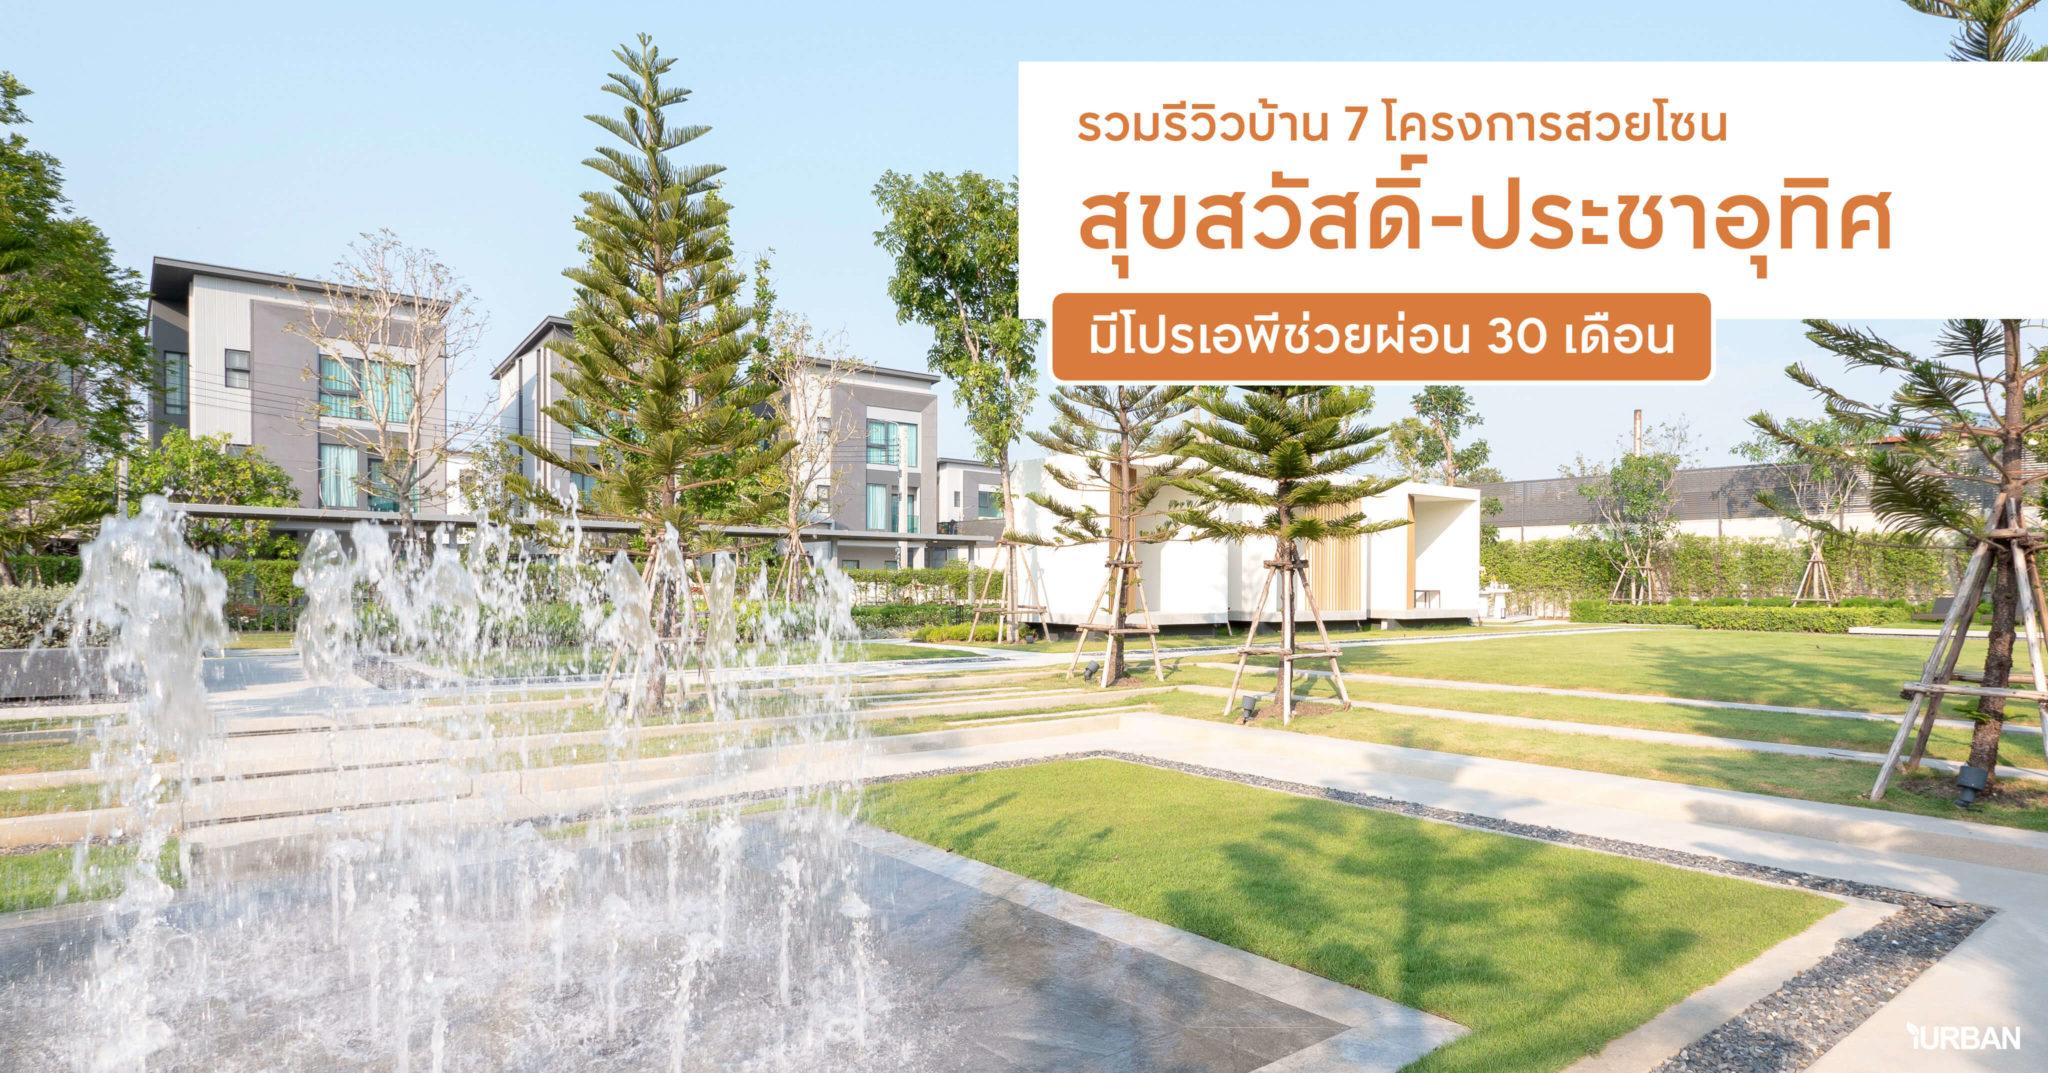 7 โครงการบ้านเอพีช่วยผ่อน 30 เดือน สุขสวัสดิ์-ประชาอุทิศ เข้าเมืองง่าย ทาวน์โฮม-บ้าน เริ่ม 1.99 ล้าน 13 - AP (Thailand) - เอพี (ไทยแลนด์)